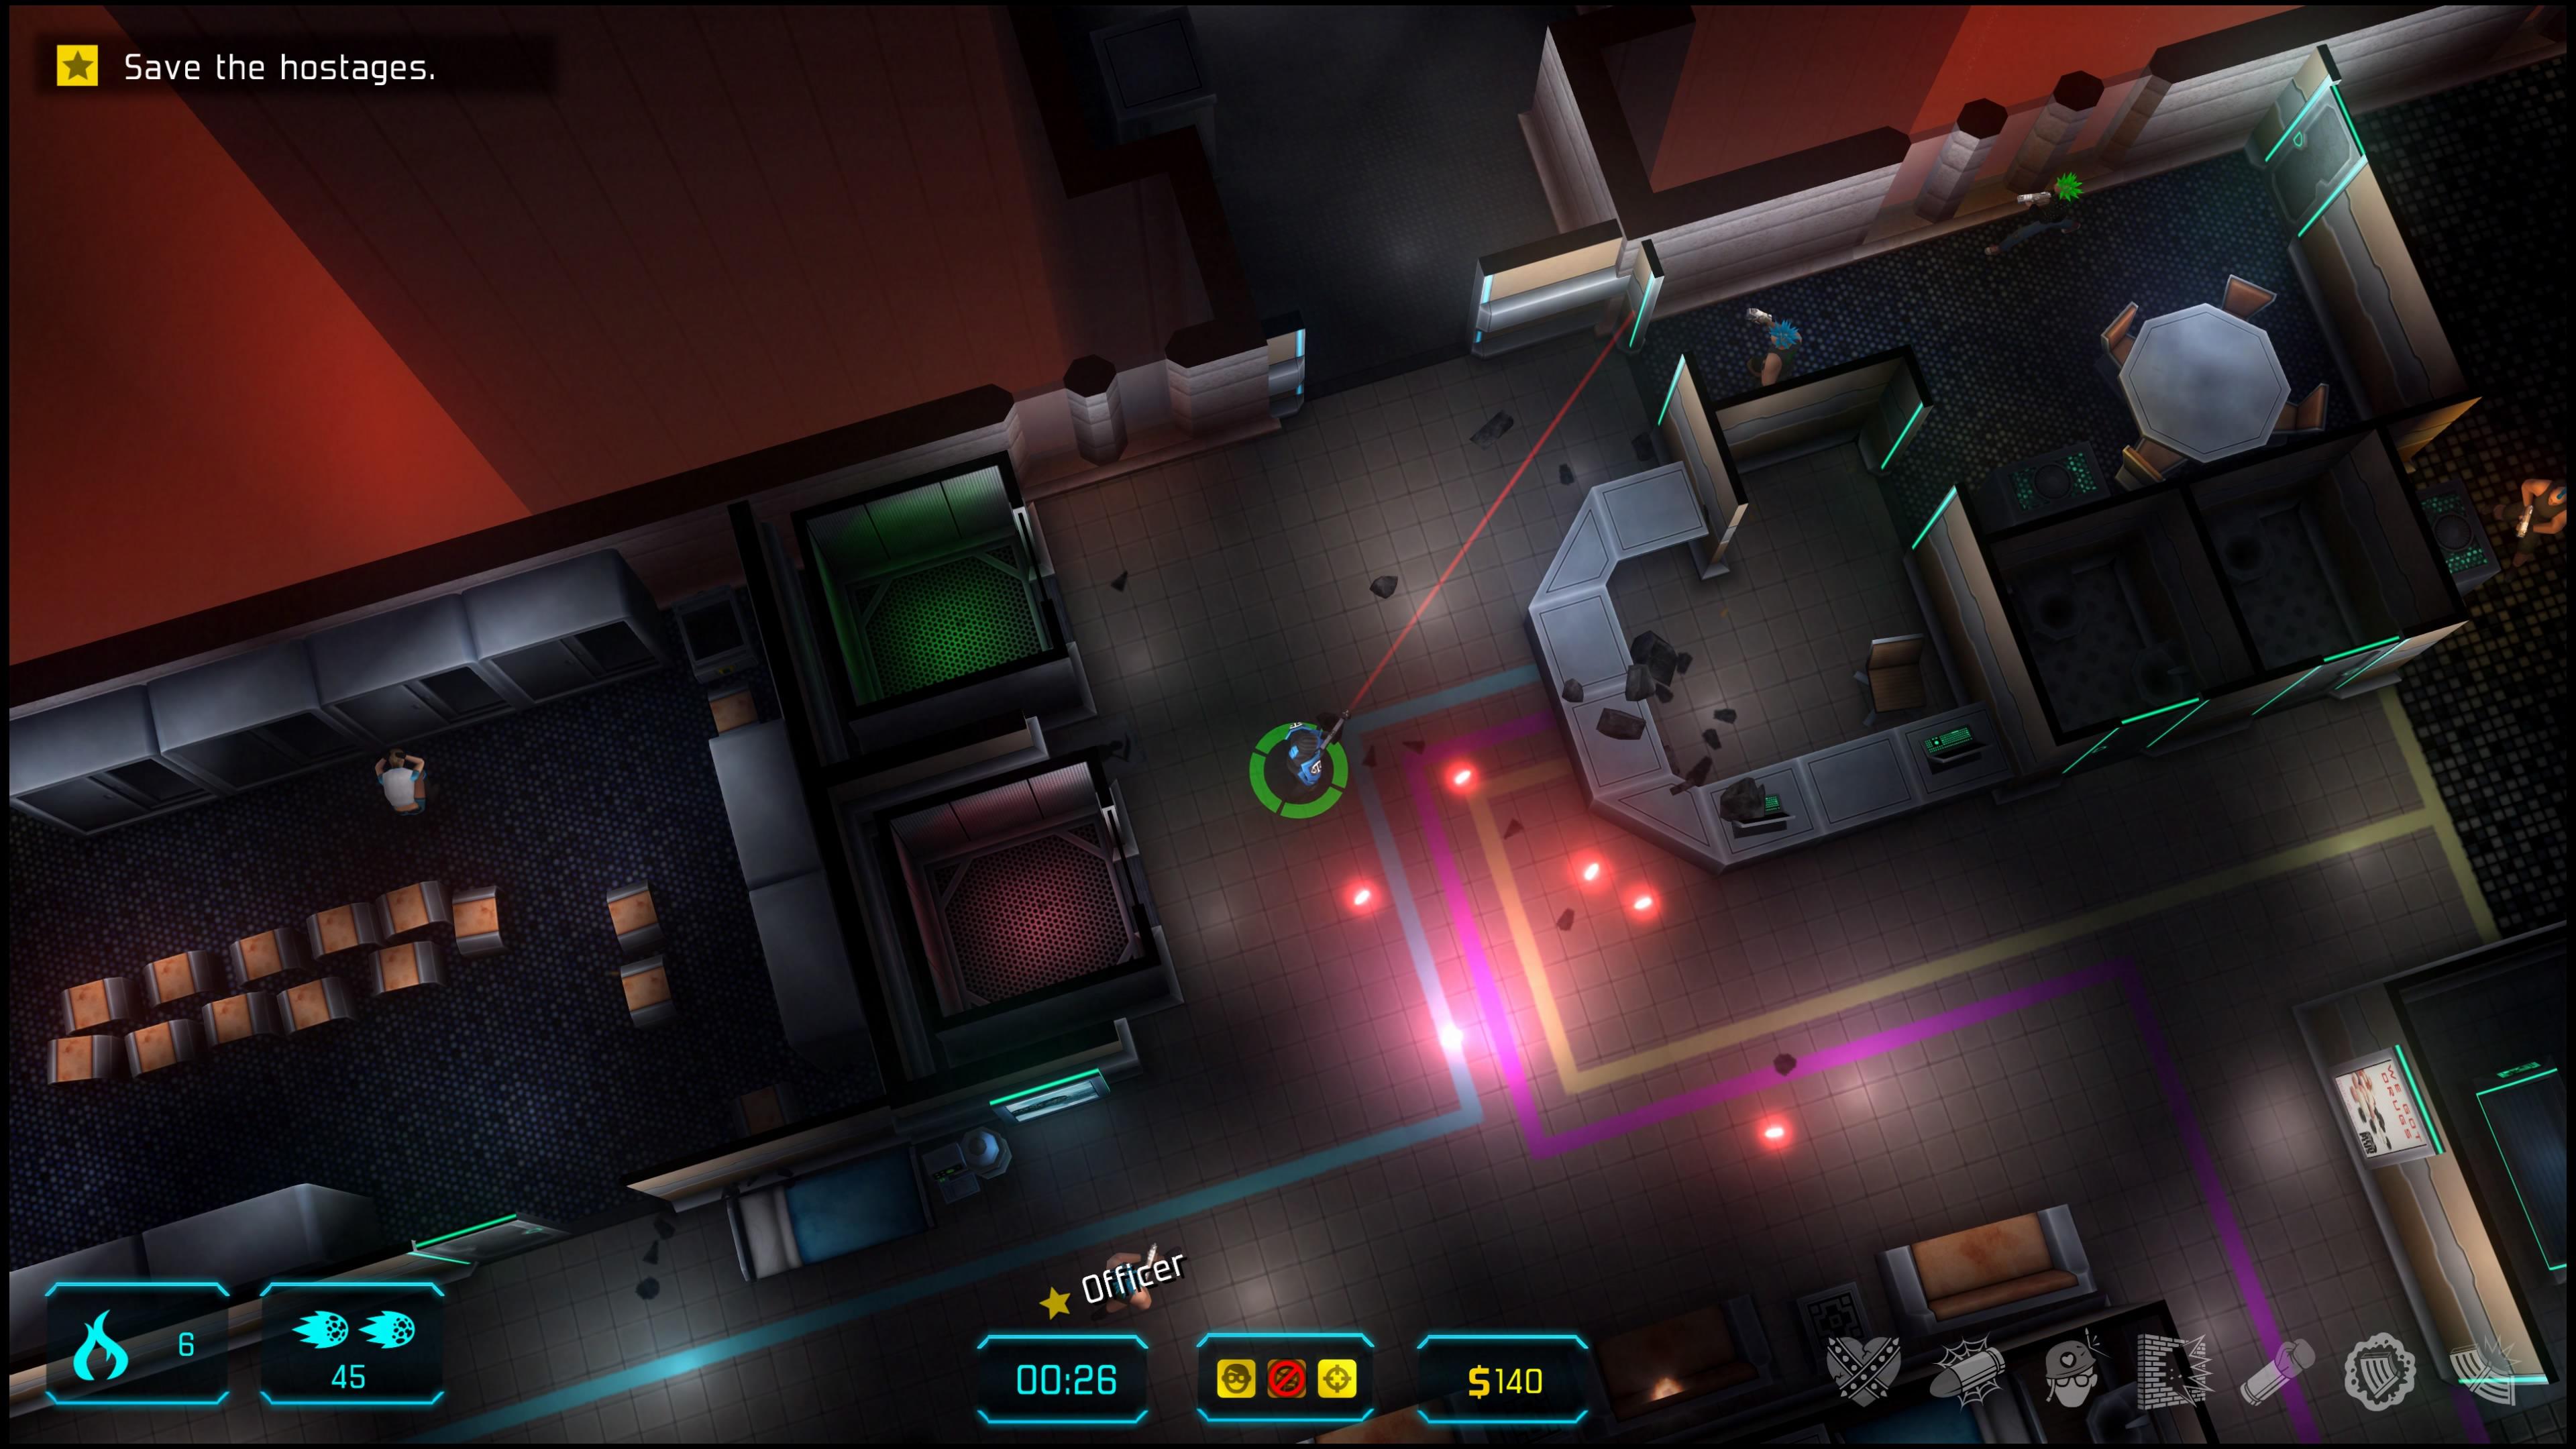 JYDGE 10tons PlayStation 4 sairaalan käytävillä